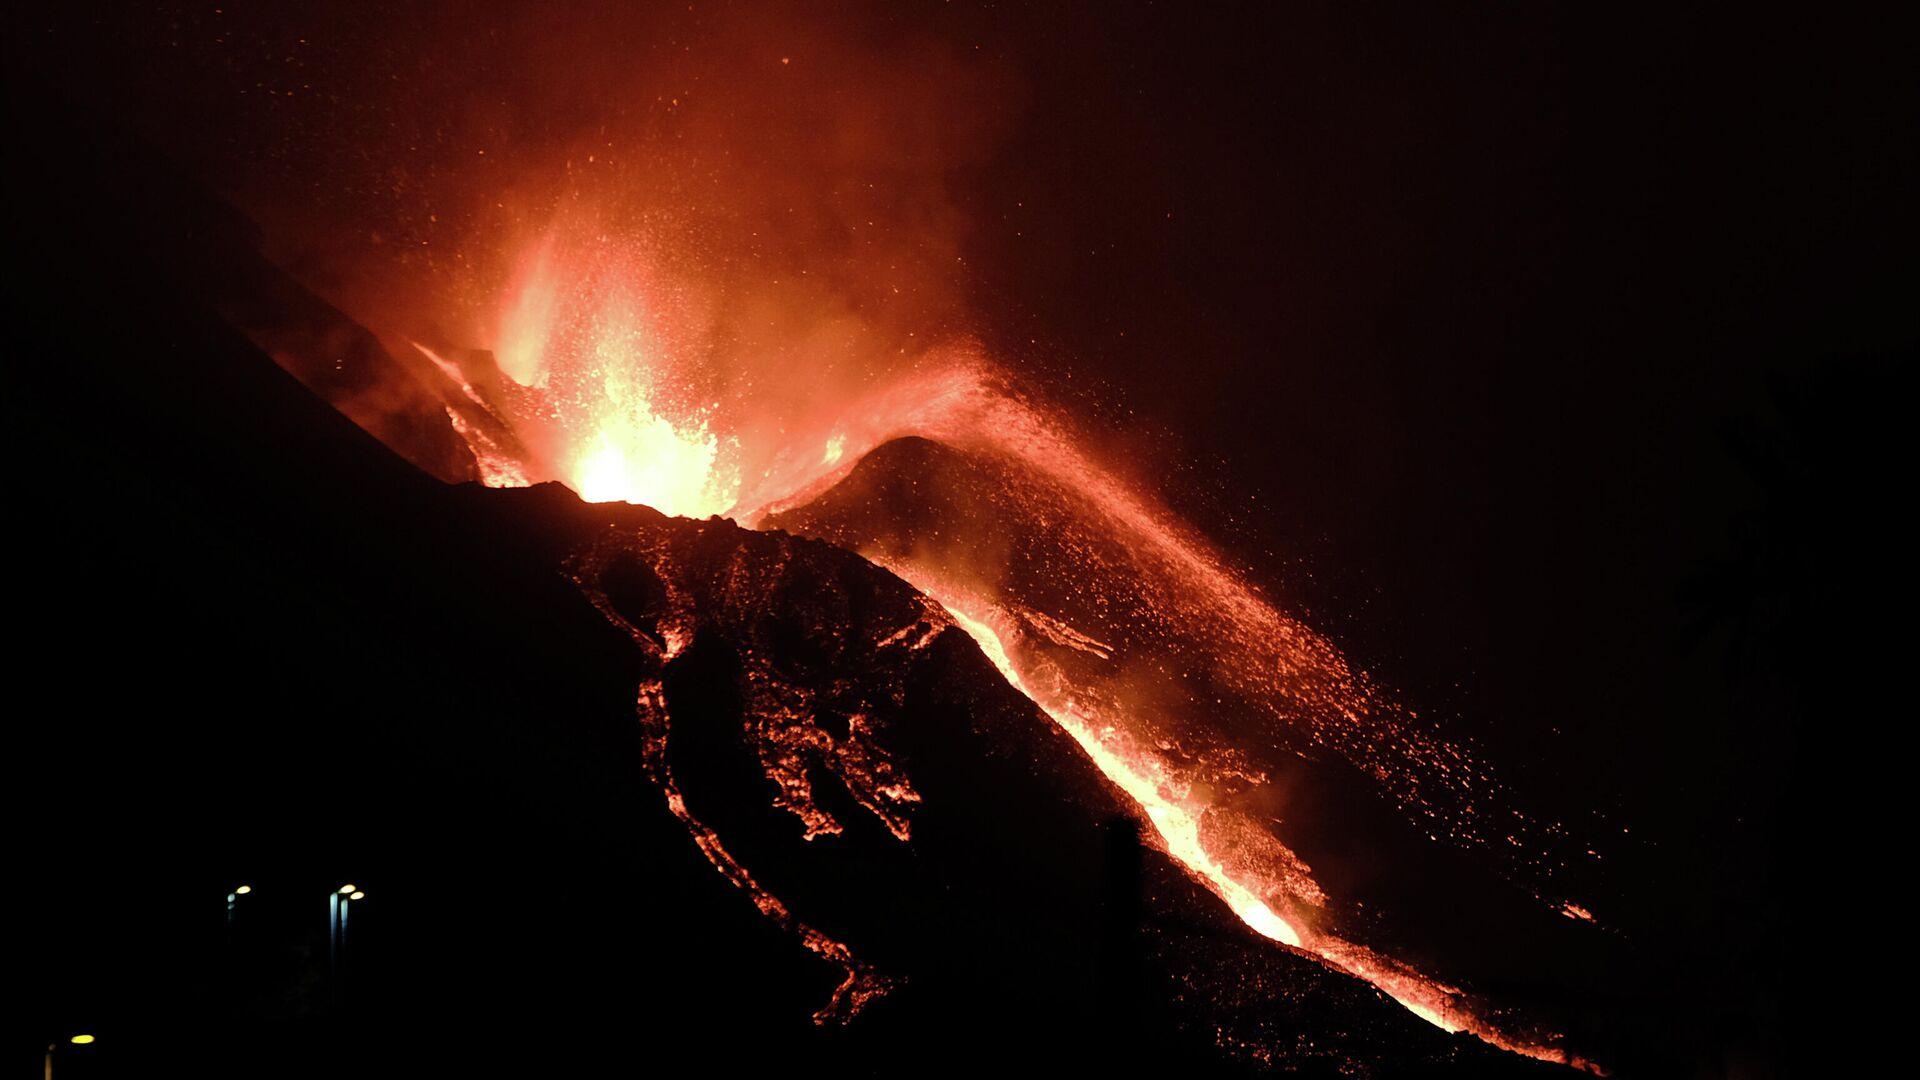 Erupcija vulkana na ostrvu La Palma u Španiji - Sputnik Srbija, 1920, 10.10.2021